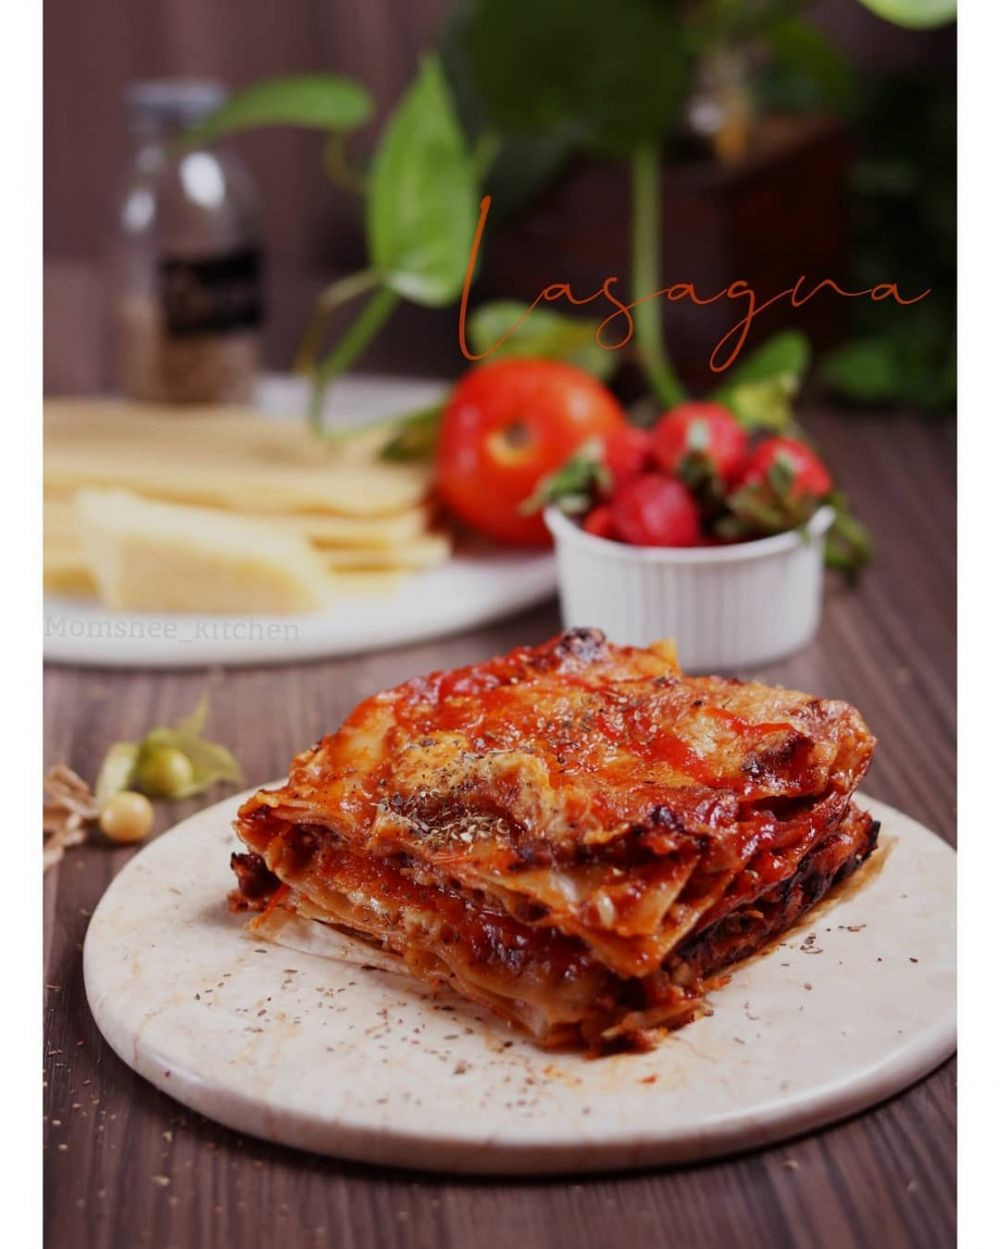 Resep menu berbuka puasa olahan keju © berbagai sumber